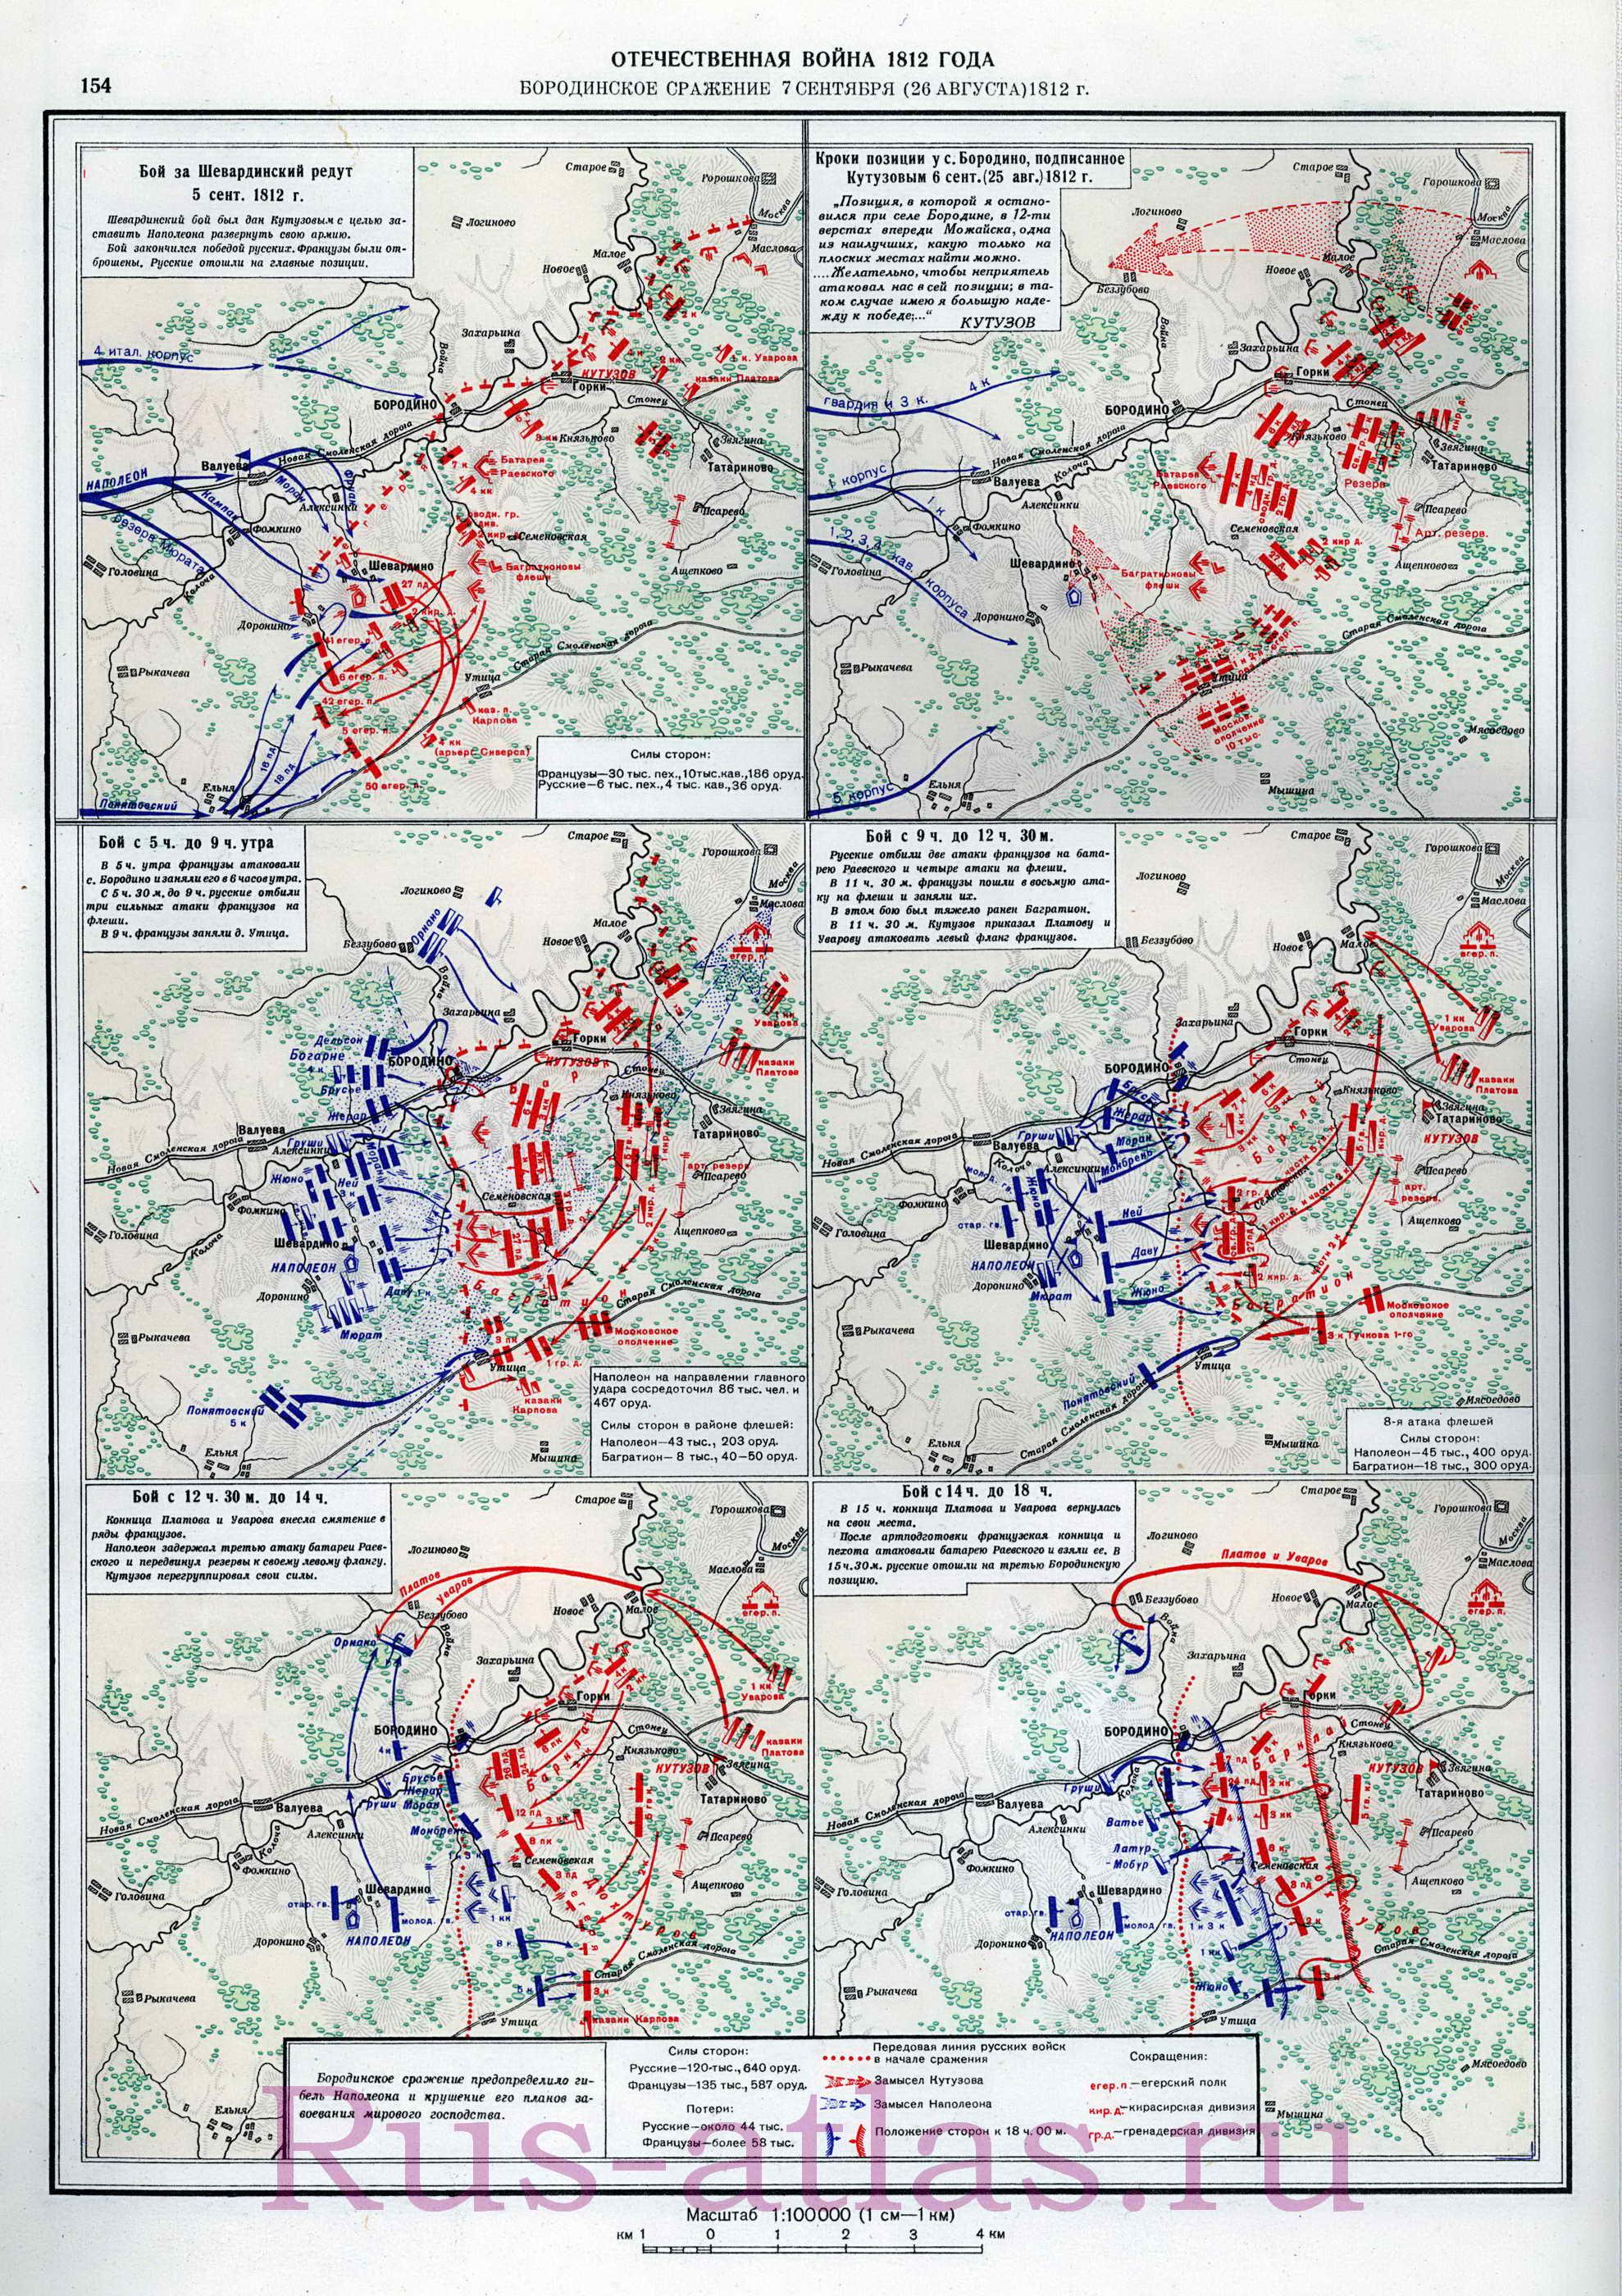 Подробнейшая карта Бородинского сражения 1812 год.  Схема сражения при Бородино 26 августа 1812 года...